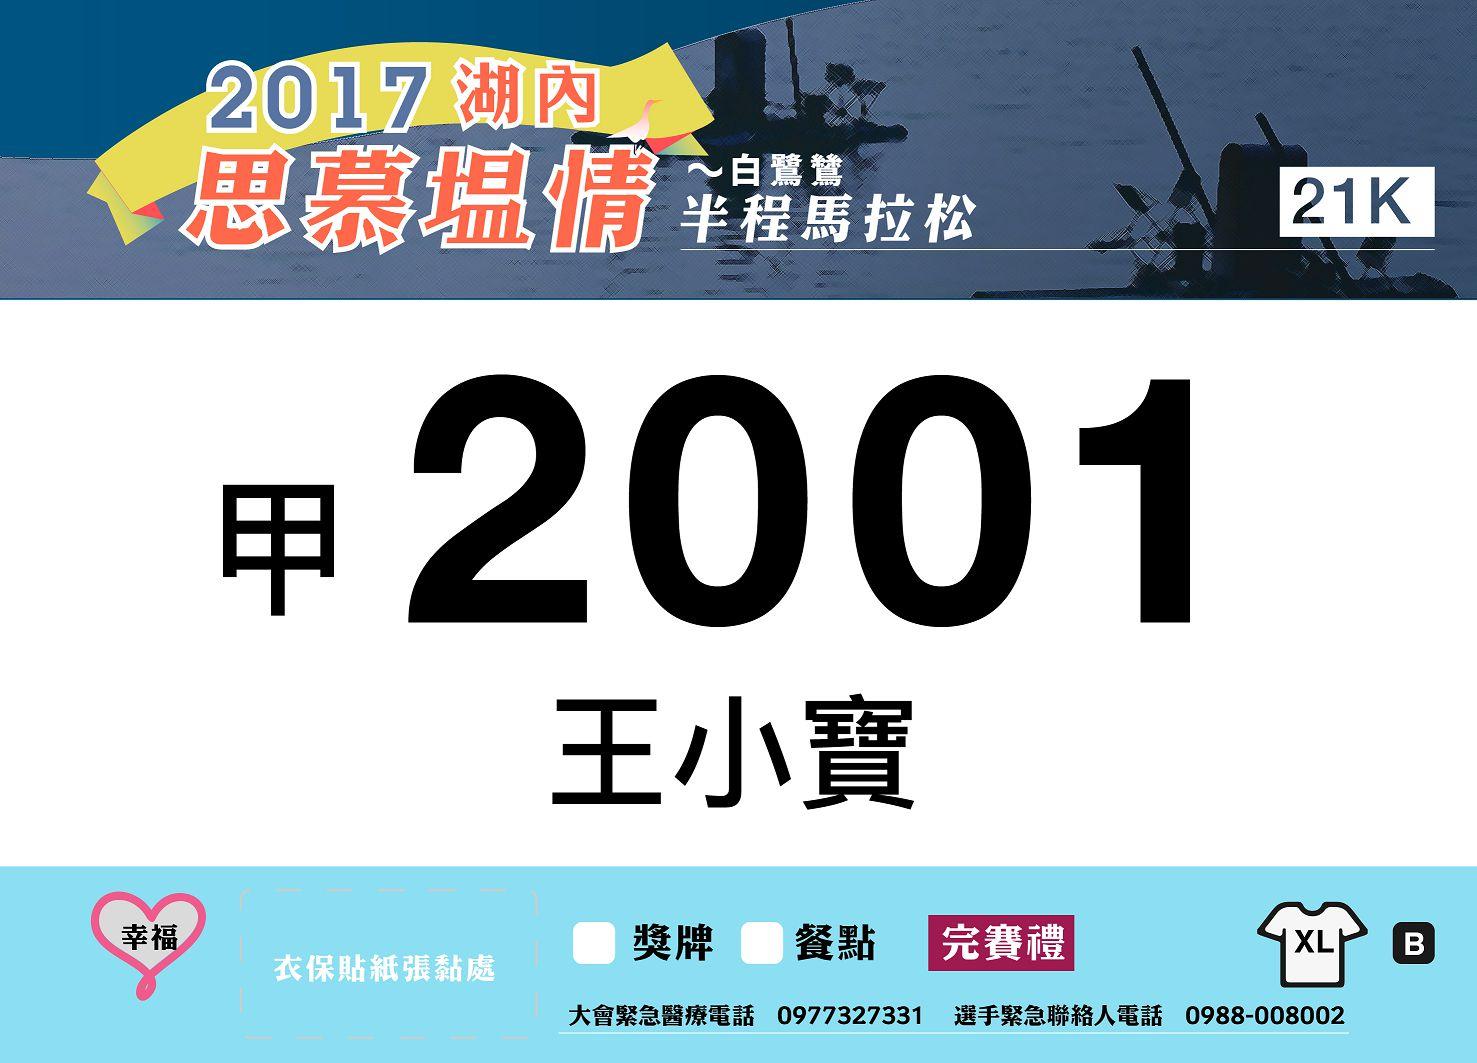 2017湖內半程馬拉松選手號碼布